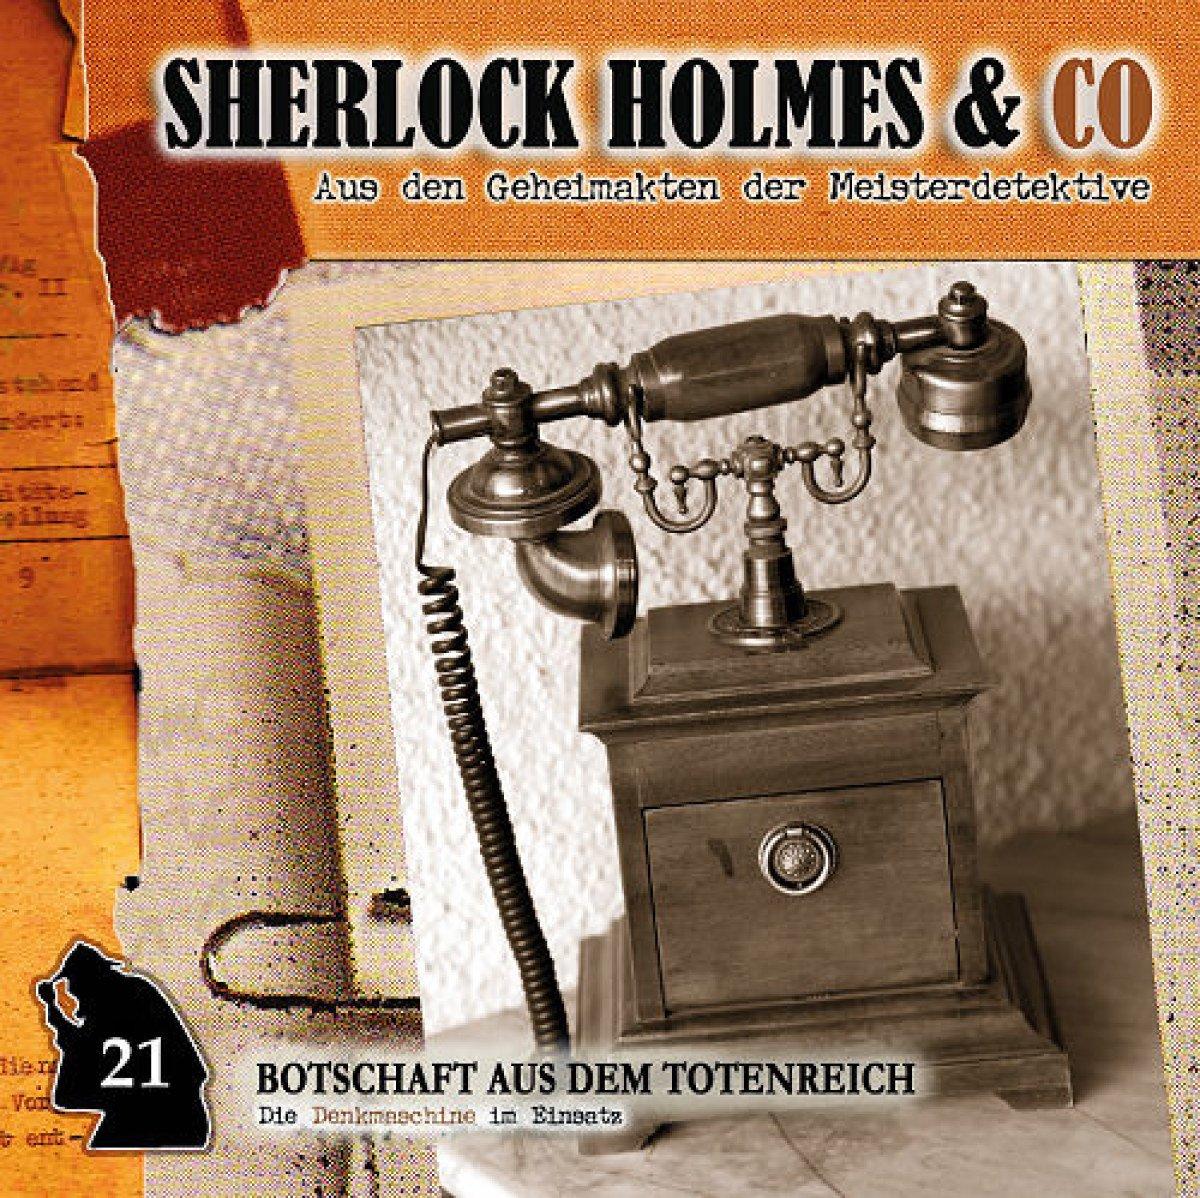 Botschaft aus dem Totenreich-Vol.21 - Sherlock Holmes & Co: Amazon ...